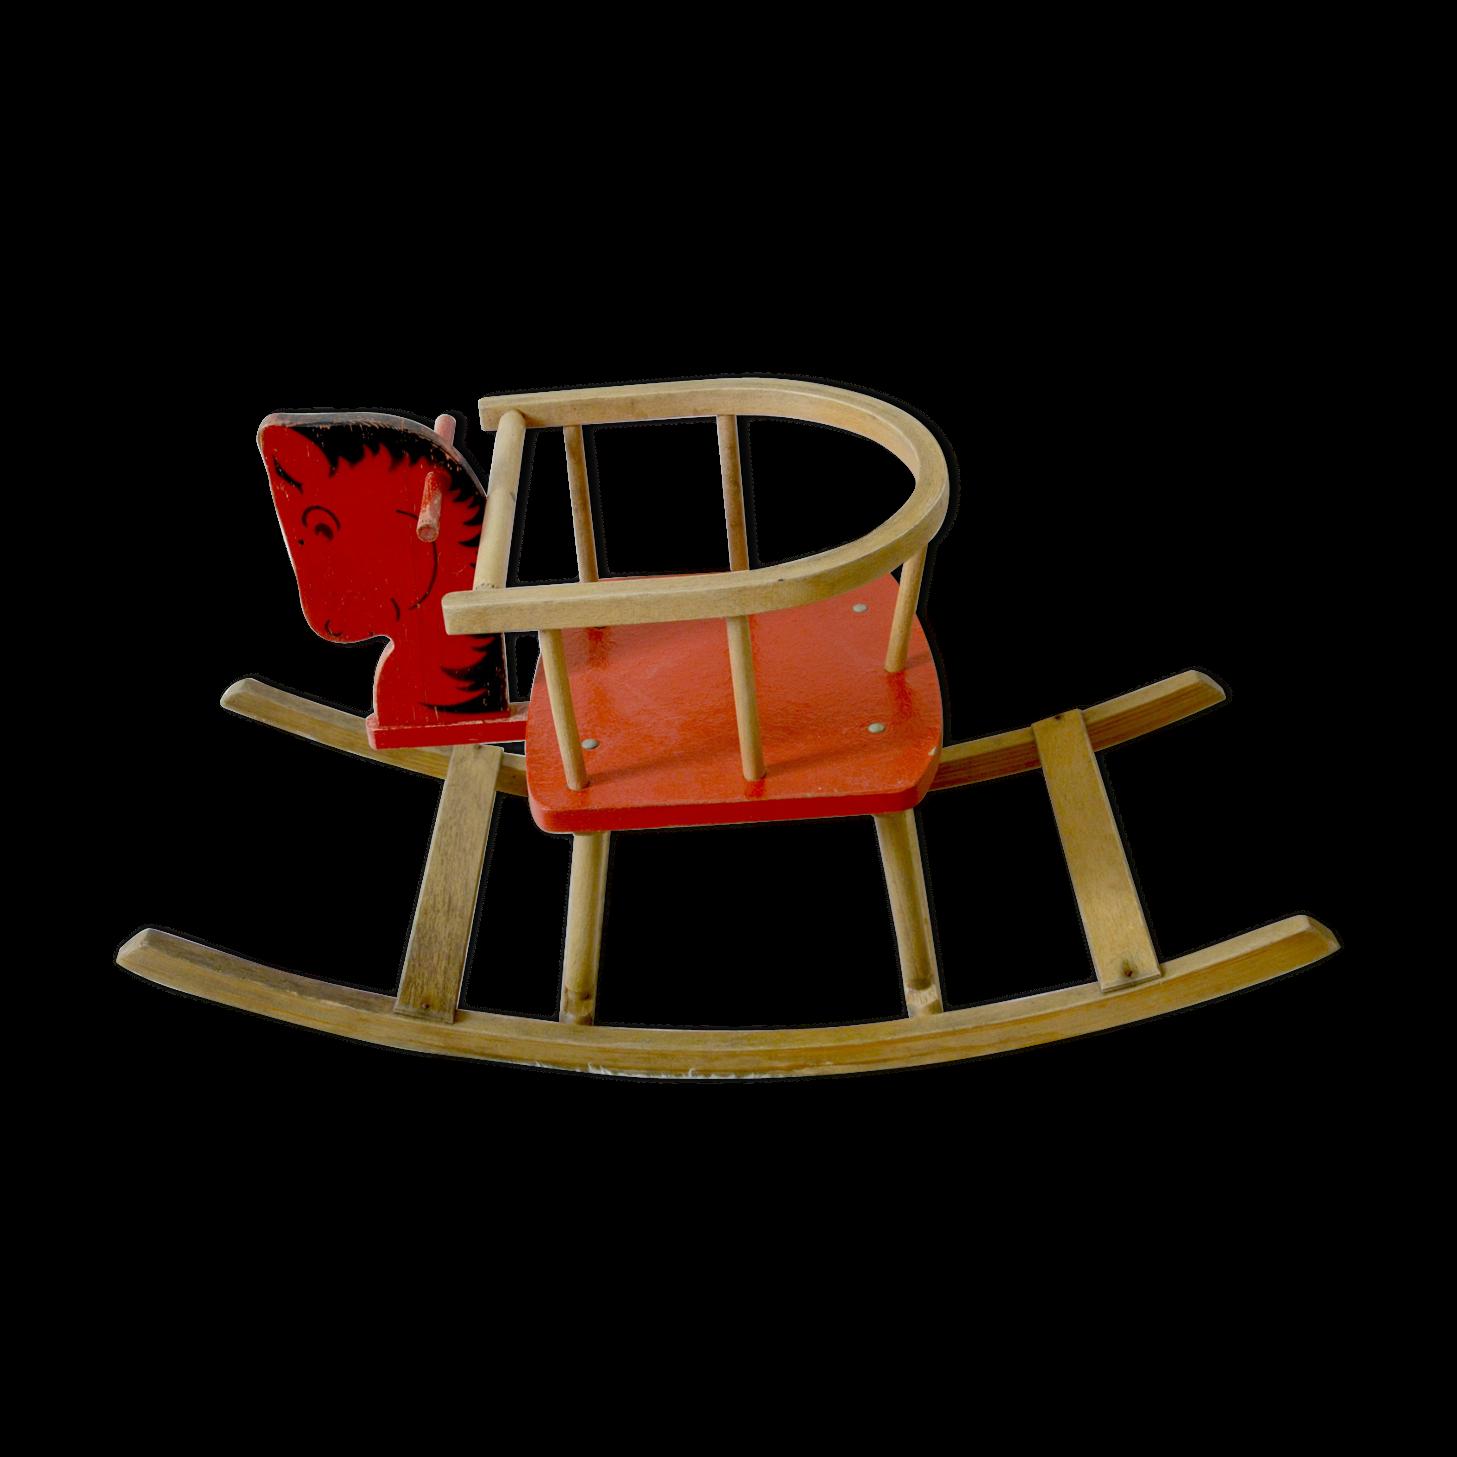 Meubles d'occasion et Deco vintage | Selency,